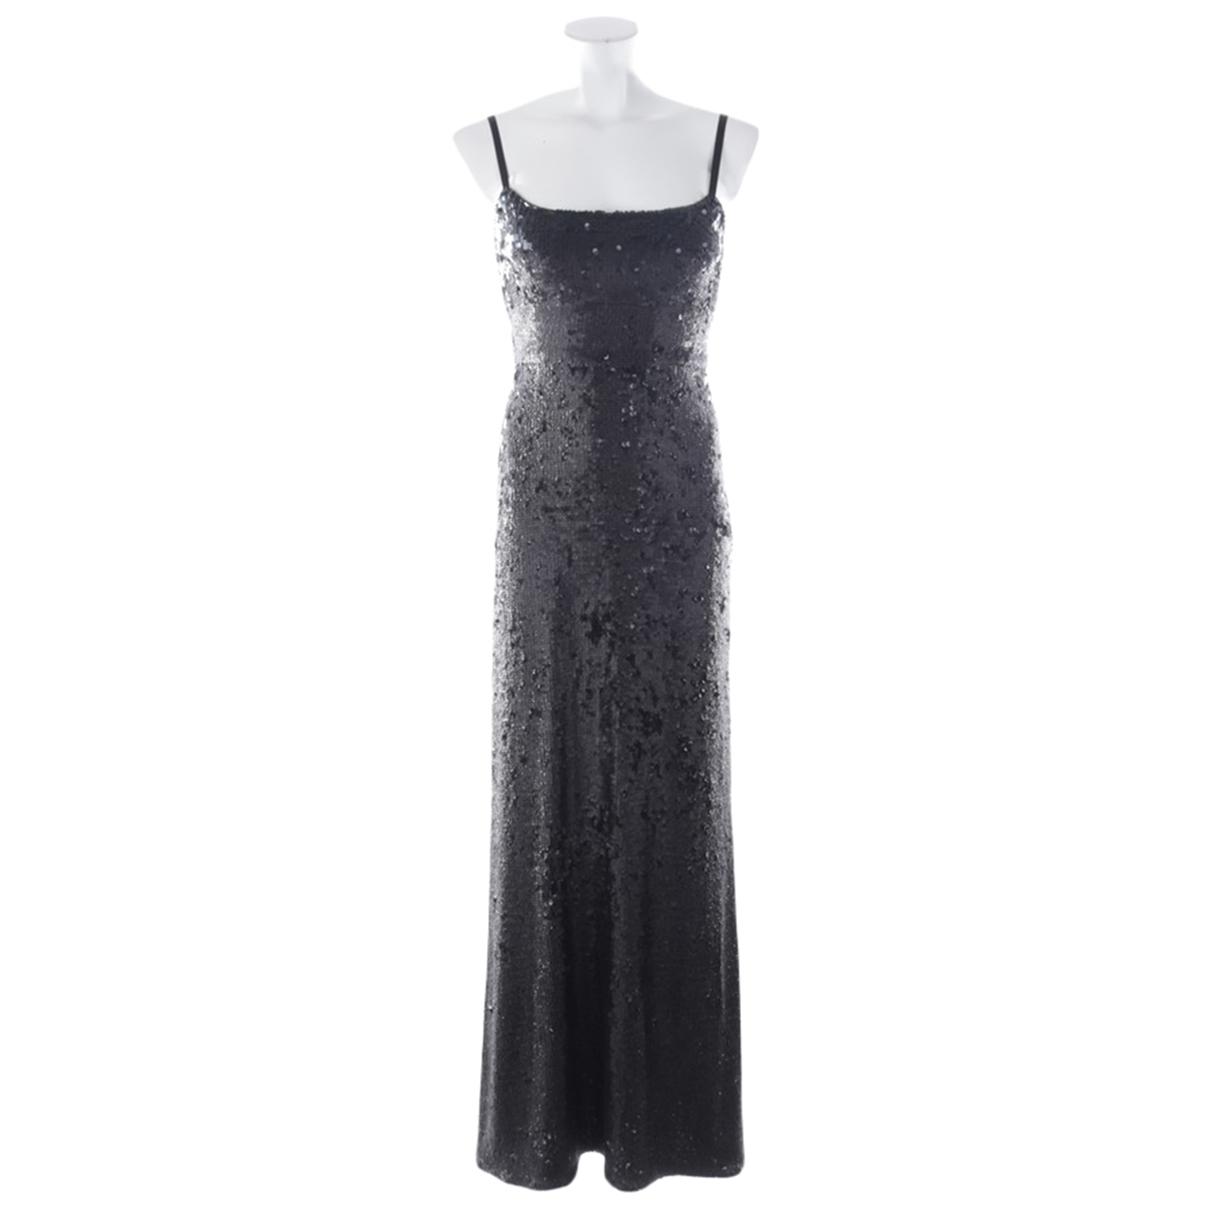 Bcbg Max Azria - Robe   pour femme en a paillettes - noir